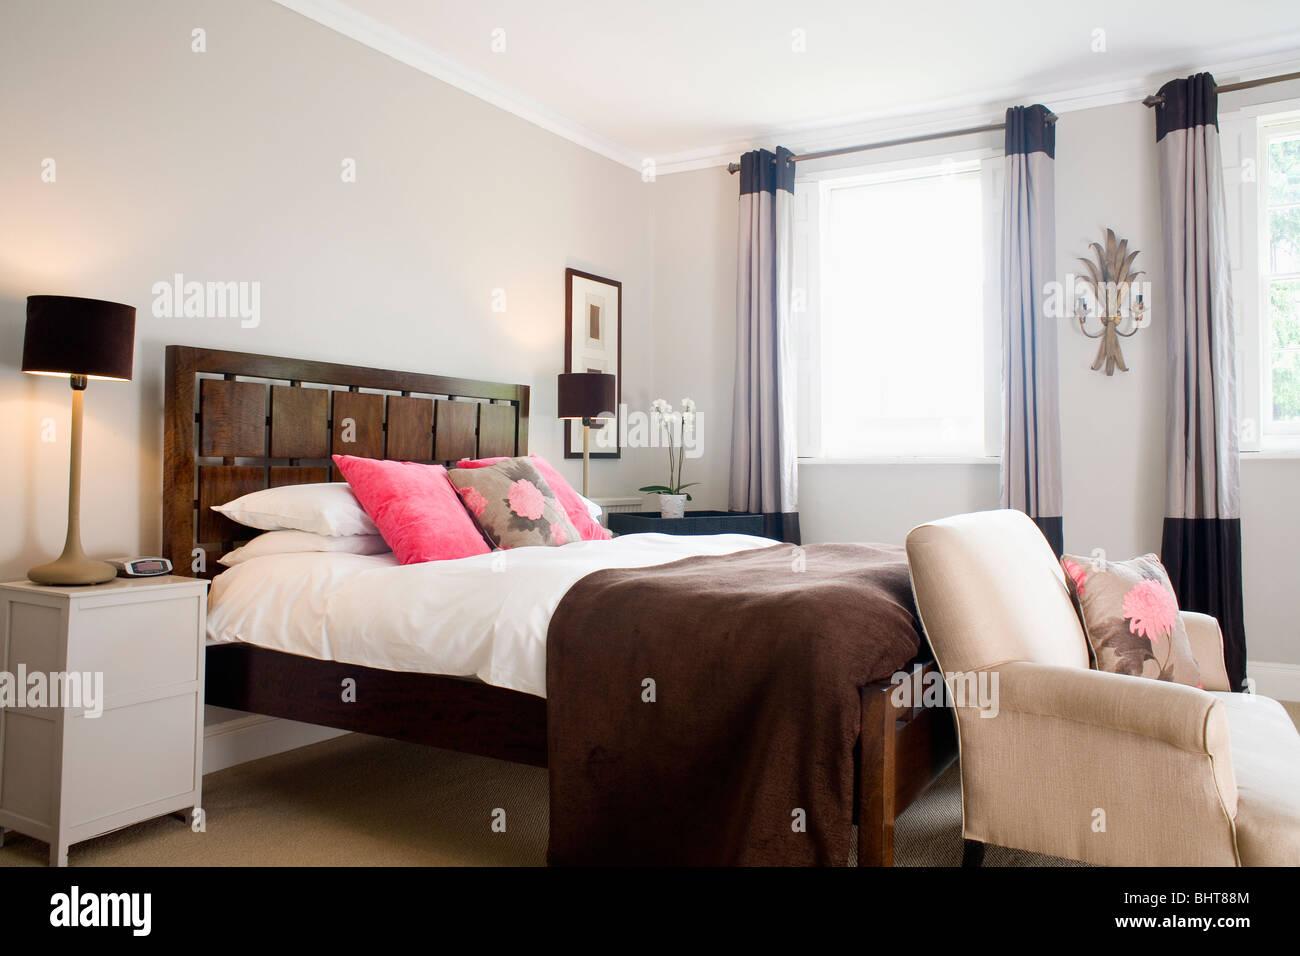 Camera Da Letto Moderna Marrone : Deep pink cuscini e marrone a buttare sul letto con letto in legno